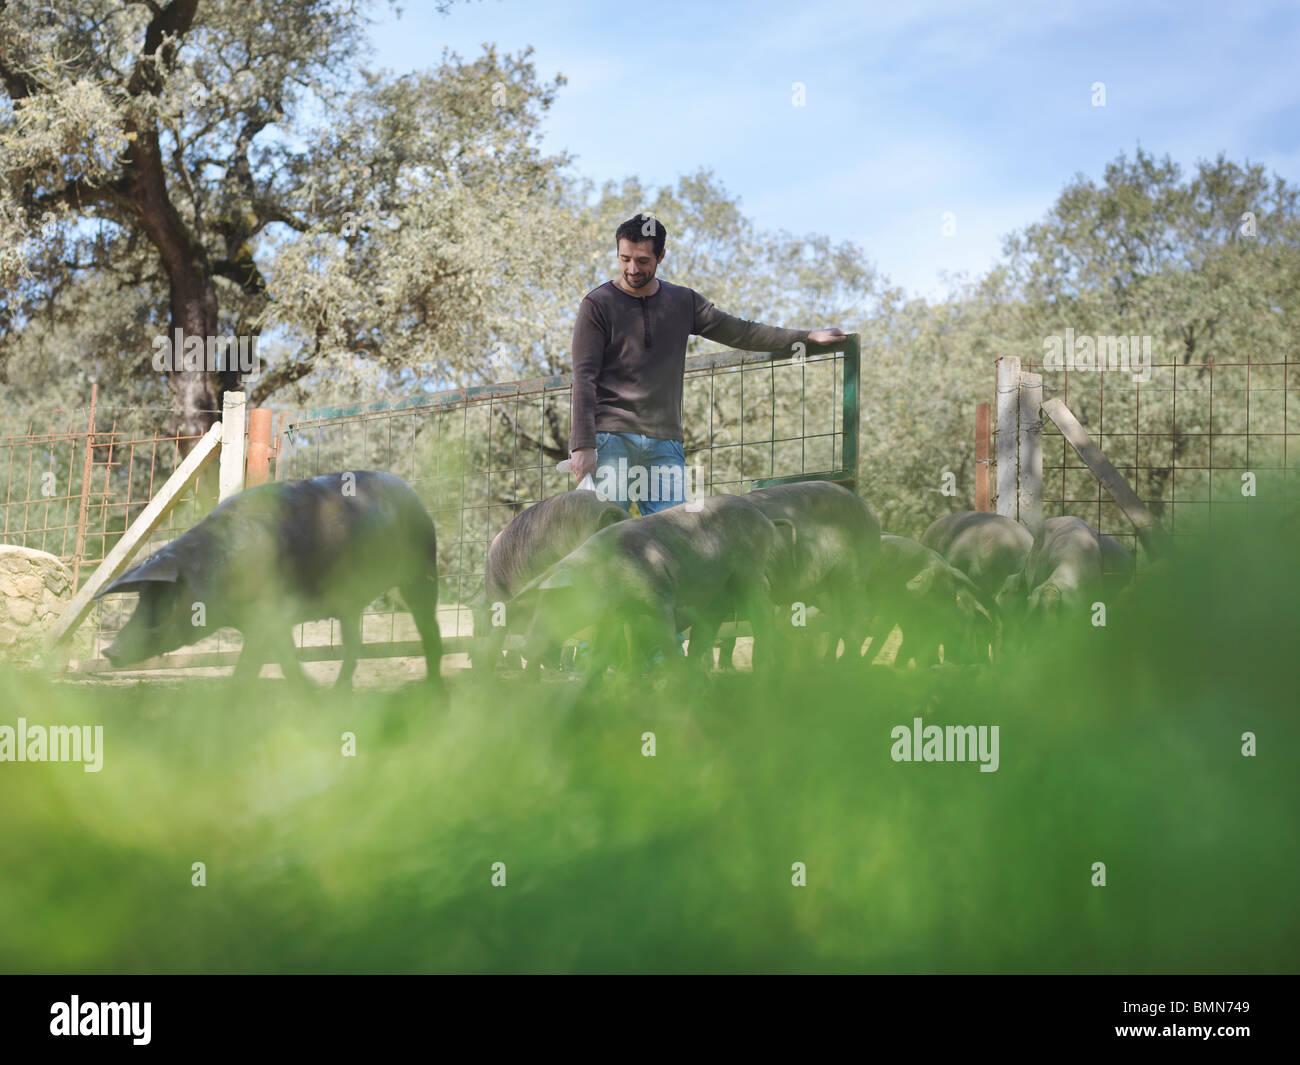 El hombre en la granja abriendo la compuerta para cerdos Imagen De Stock